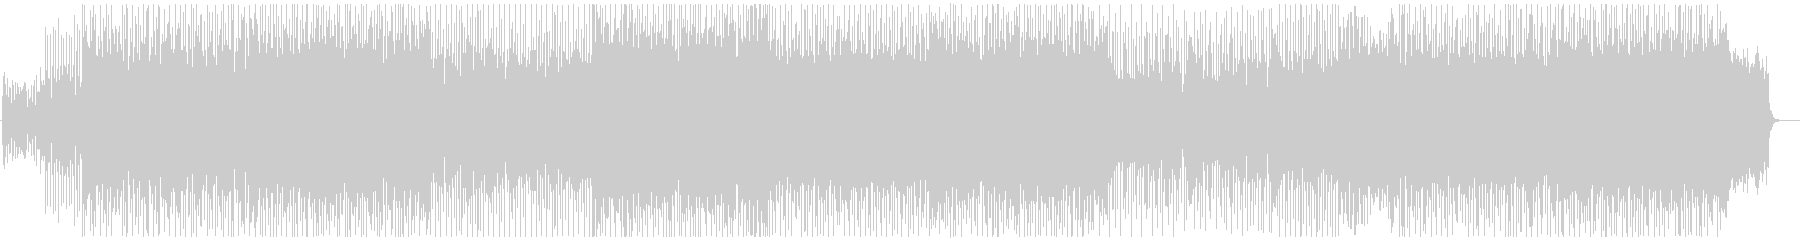 オーケストラロックなバトル風BGMの未再生の波形